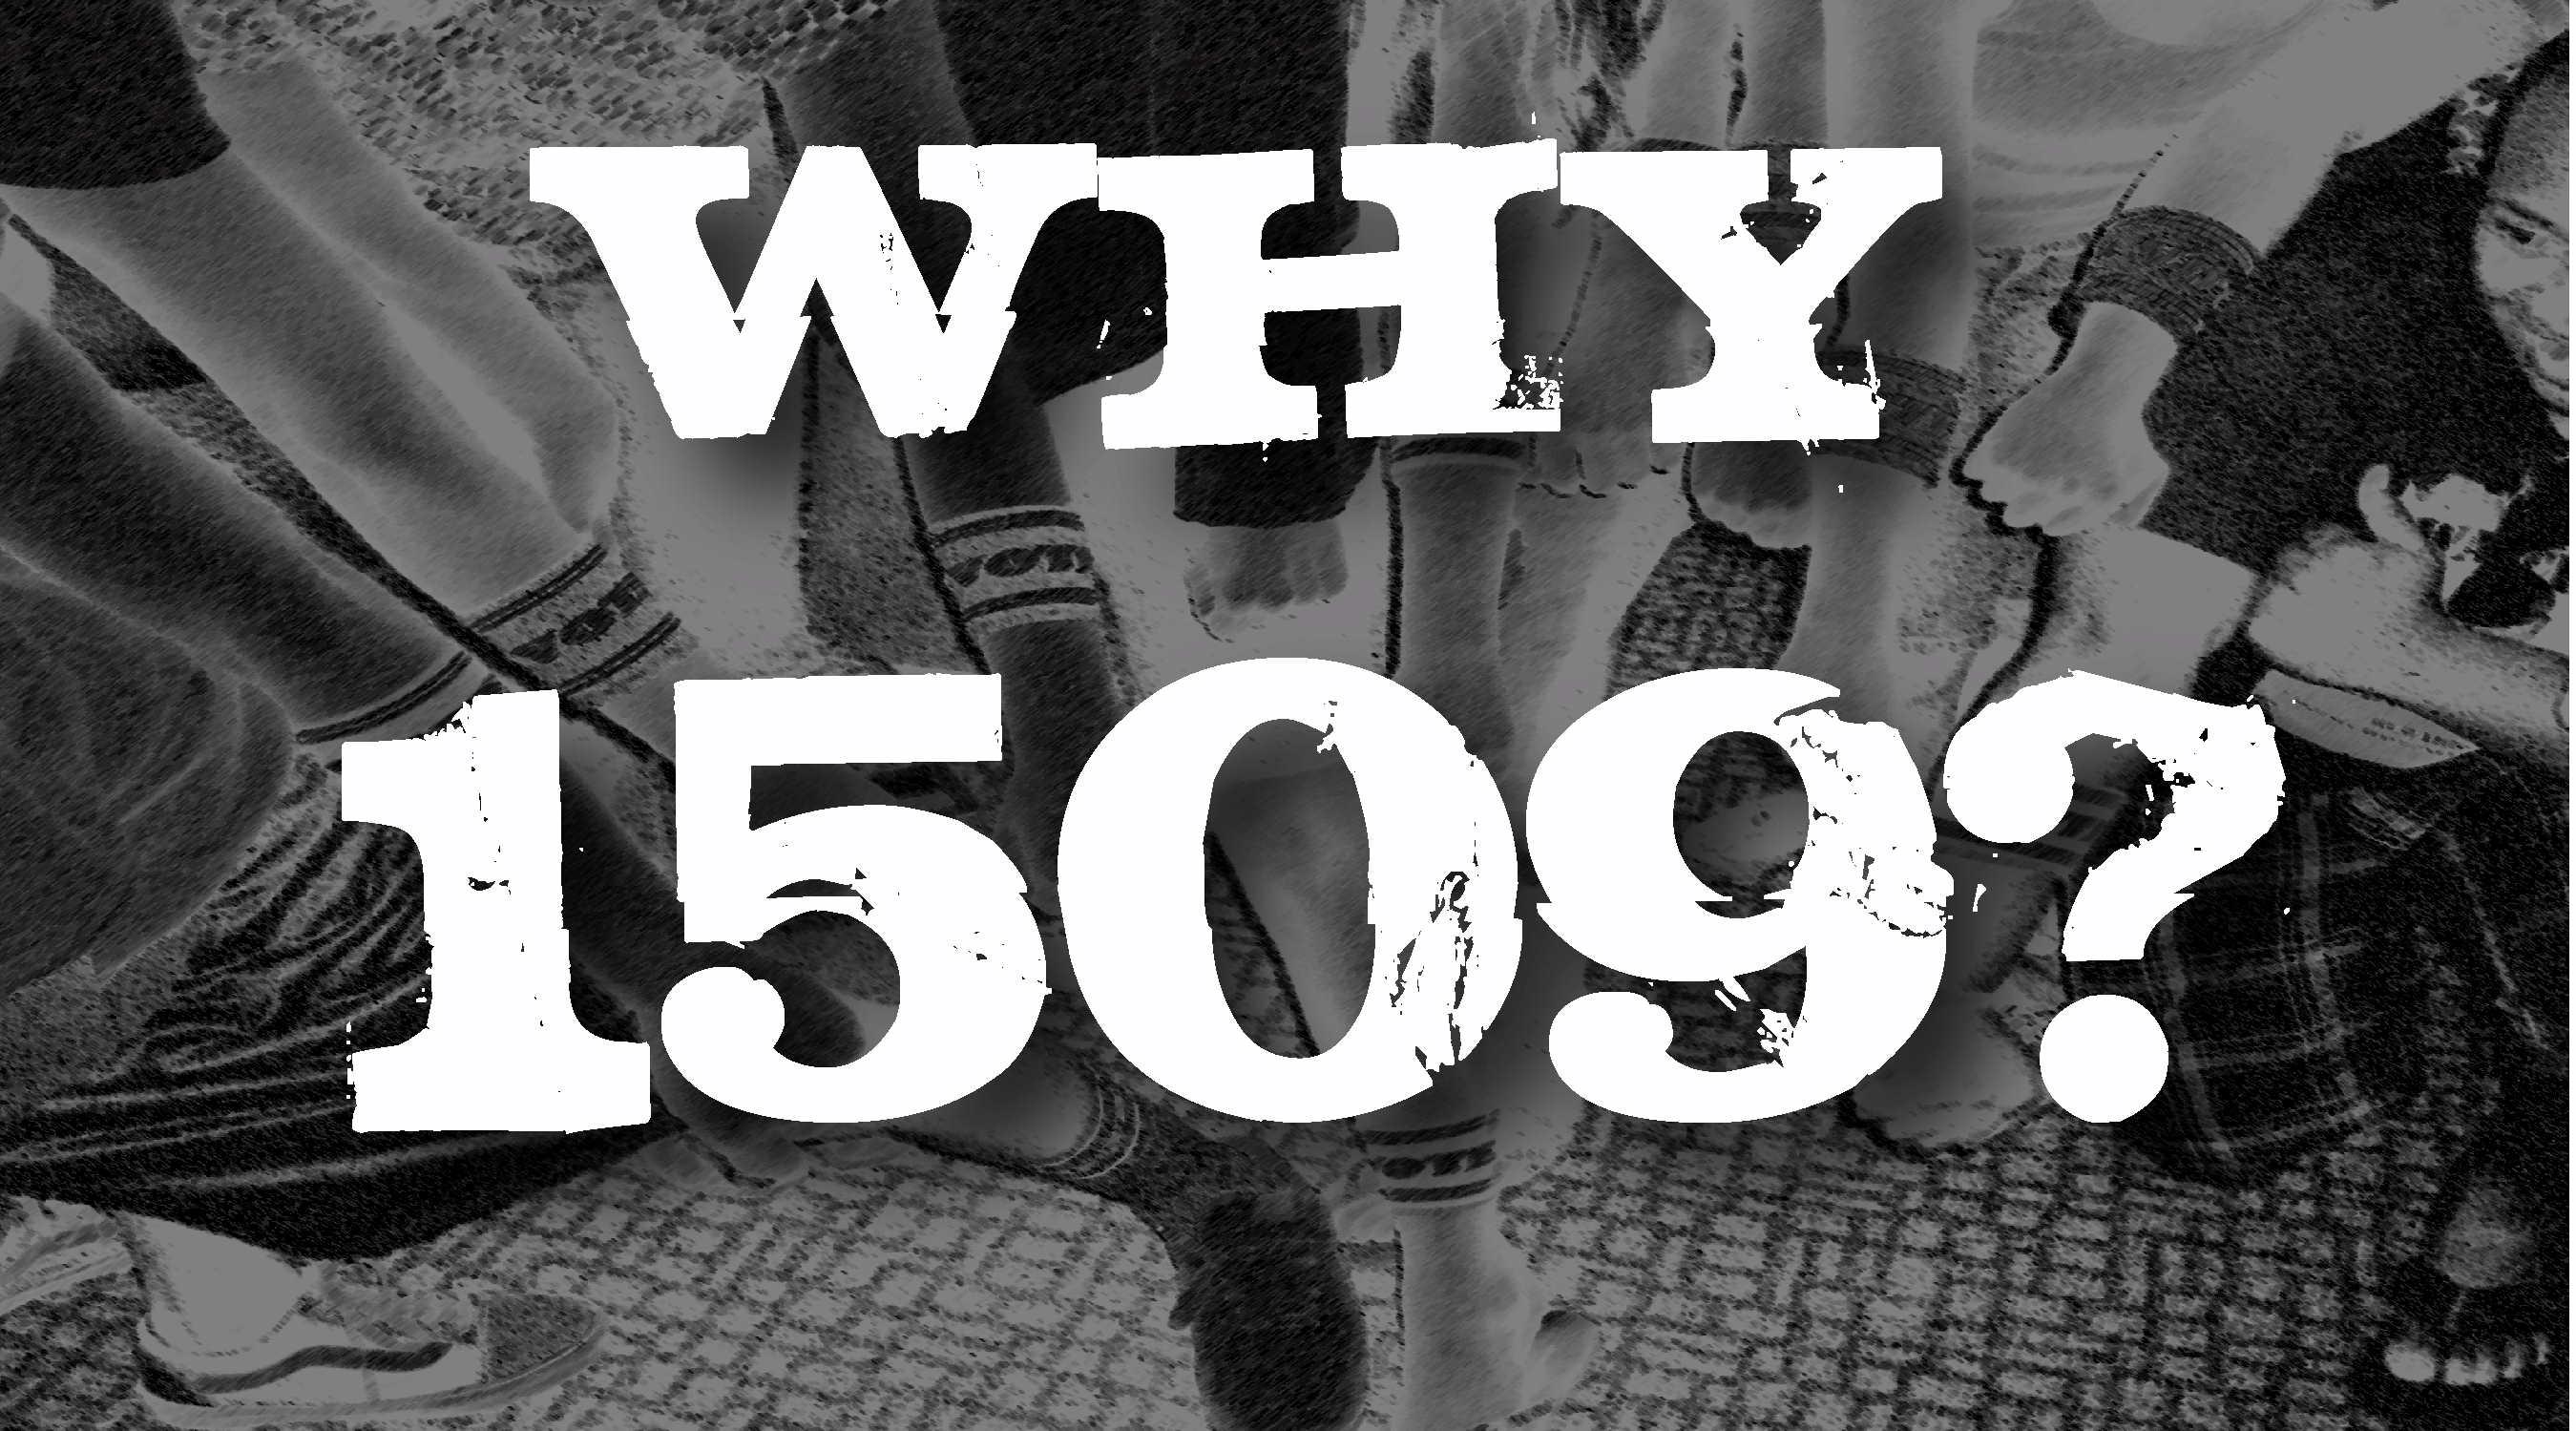 Seguimos contandooooooooooooooo  - Página 17 Why-1509-ad-black-white-stacked